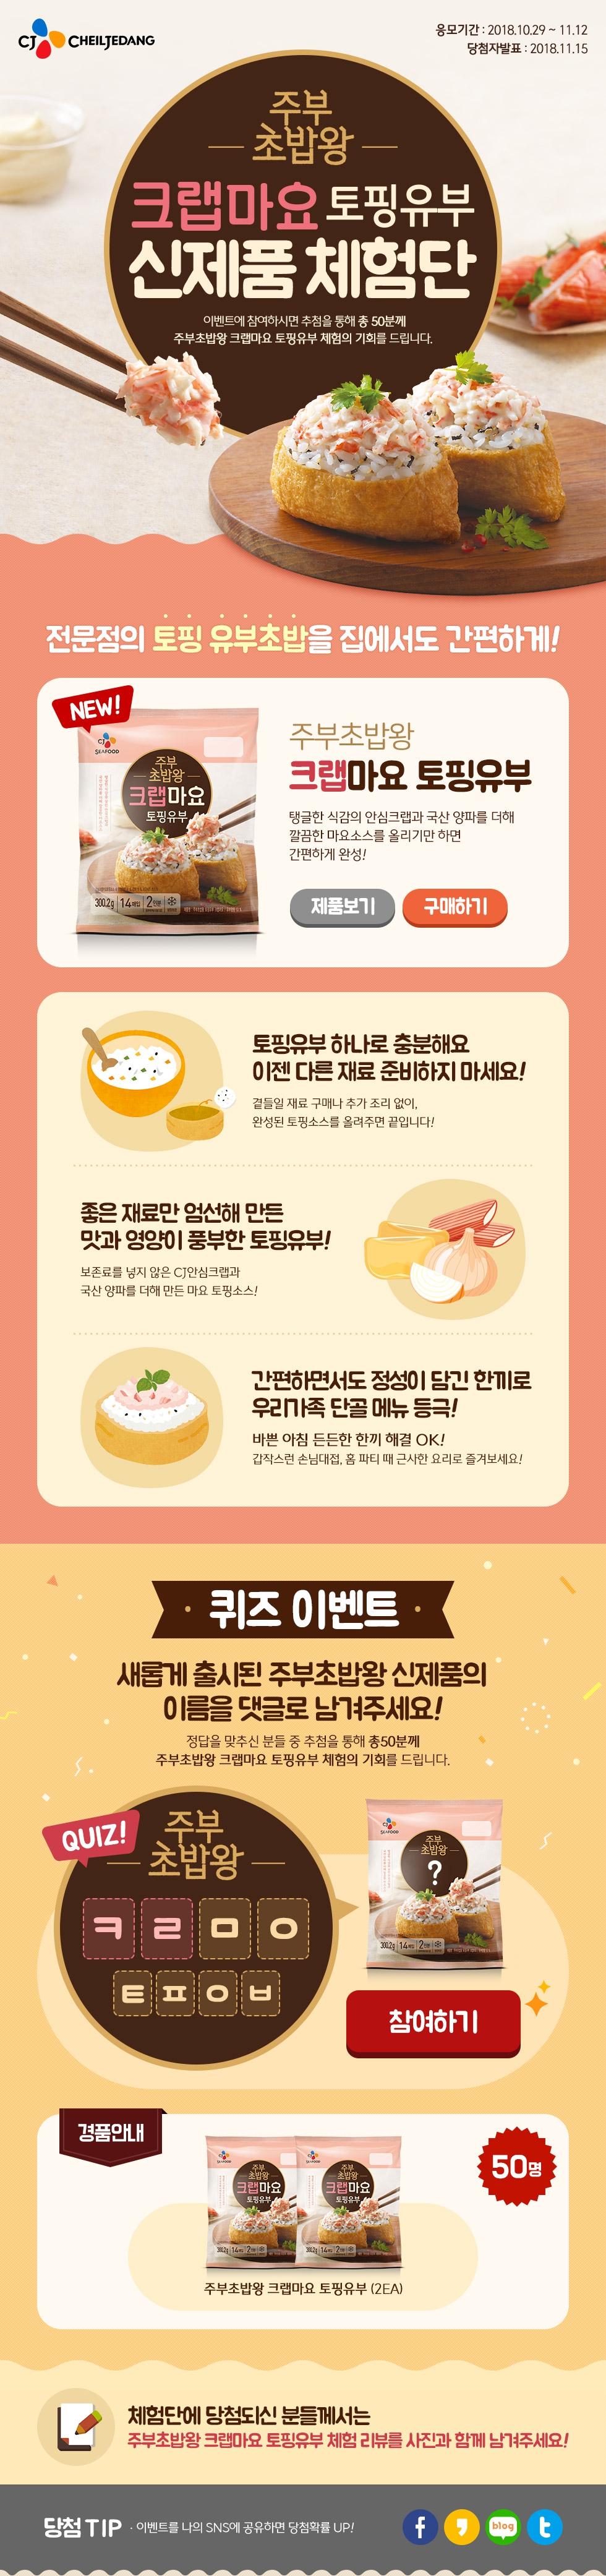 주부초밥왕 크랩마요 토핑유부 신제품 체험단